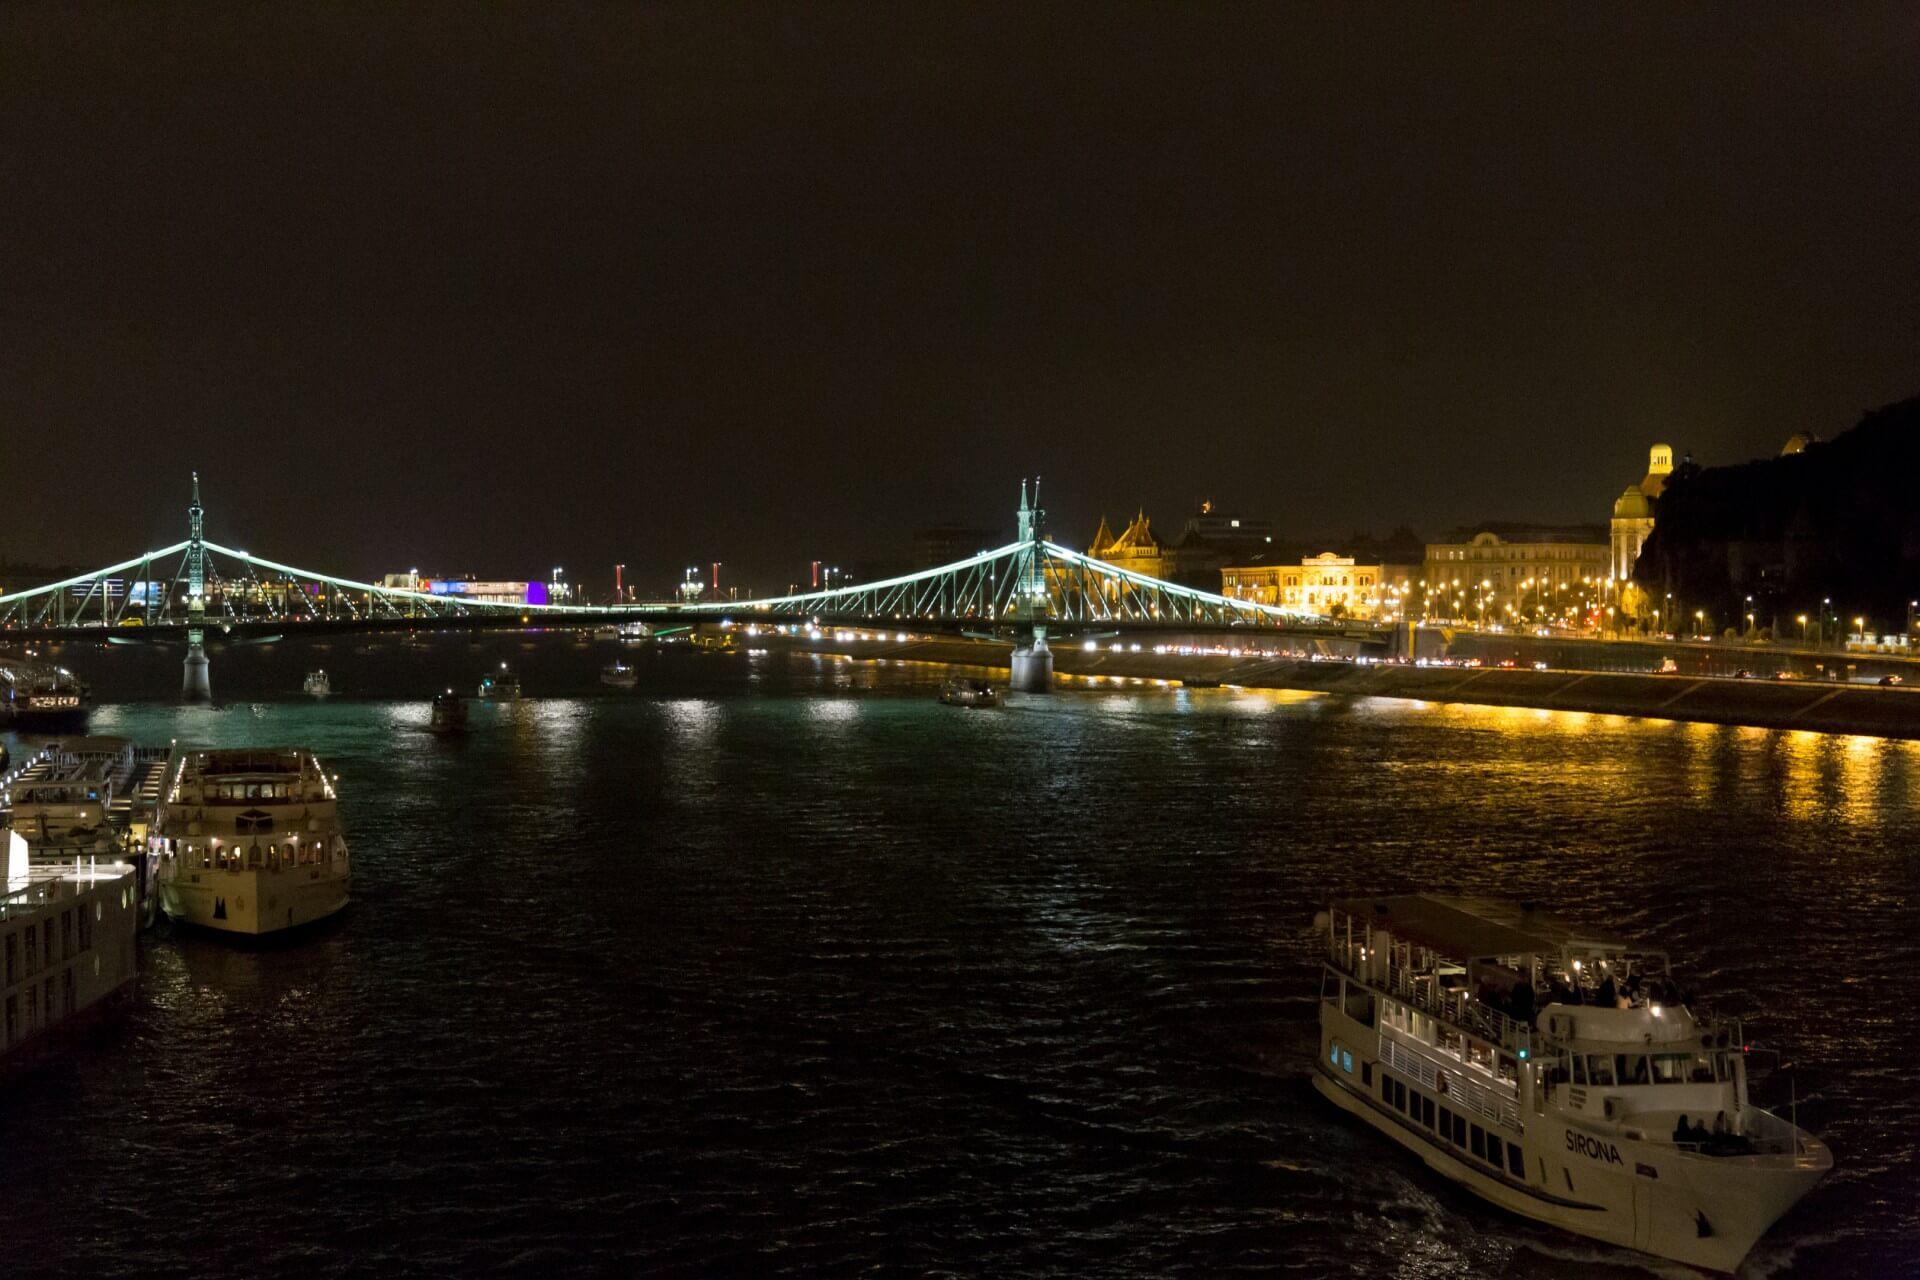 Die grüne Freiheitsbrücke des nachts